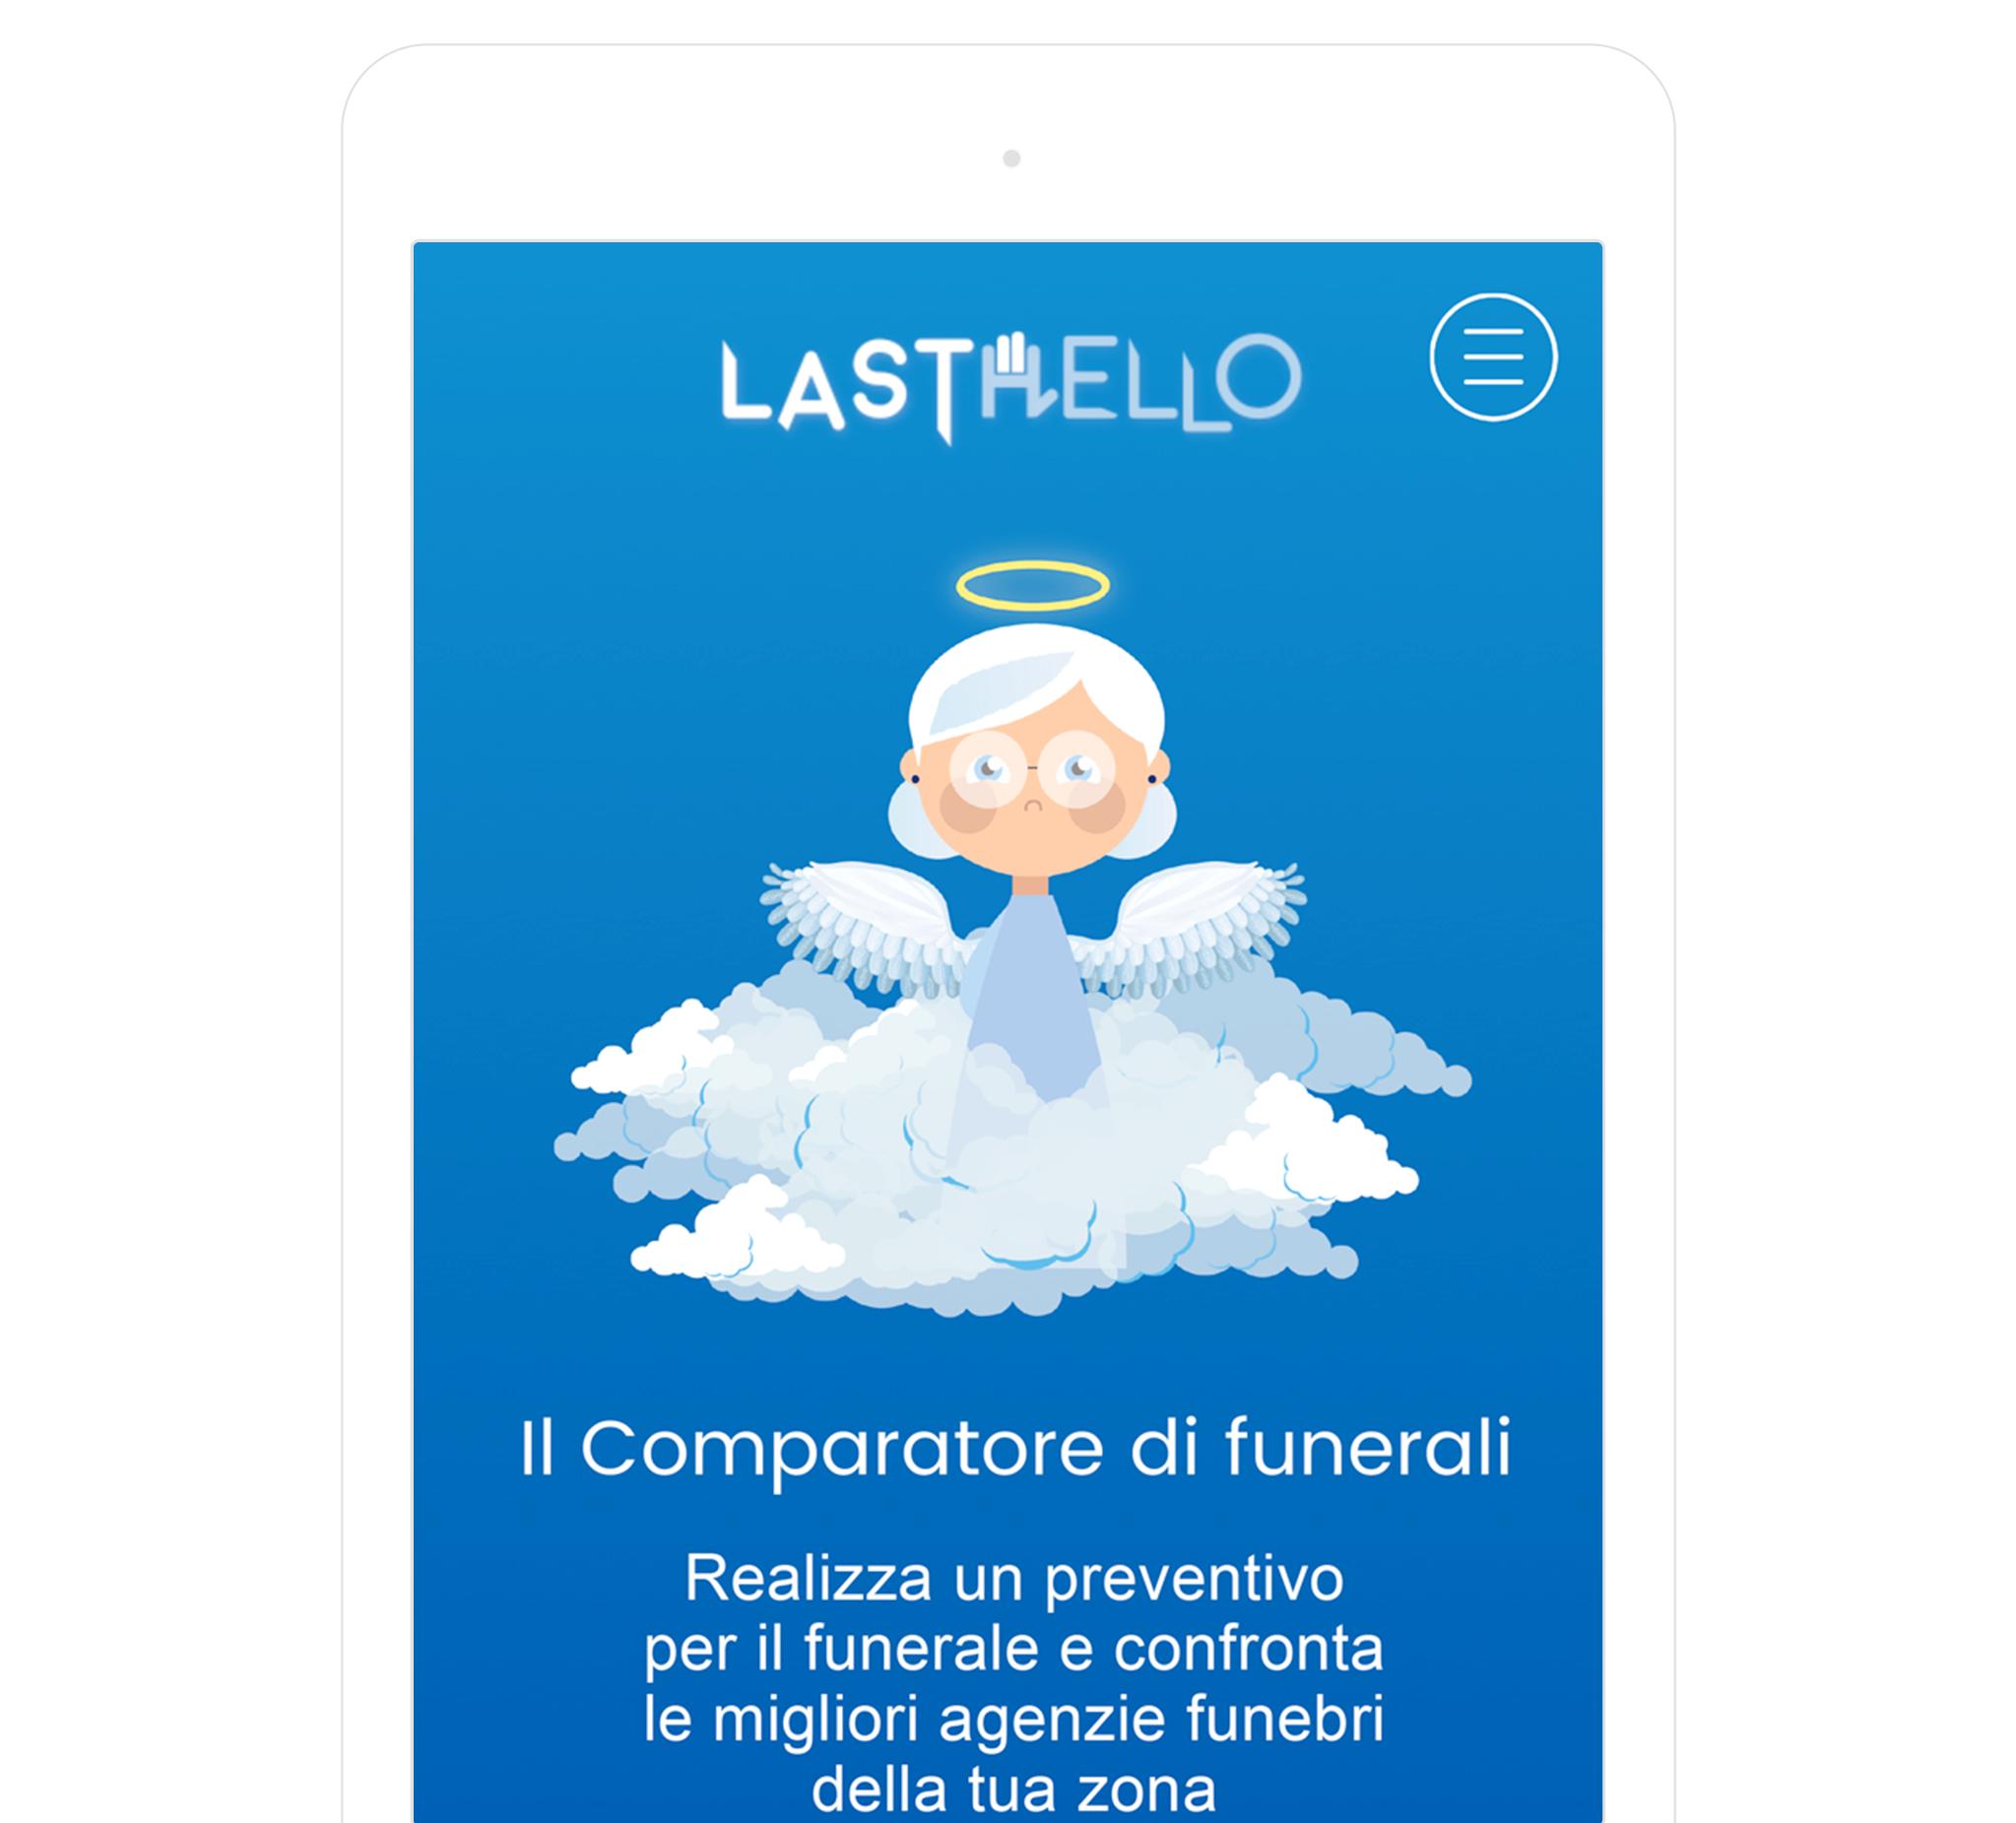 Funerali, nasce un'app per confrontare le agenzie